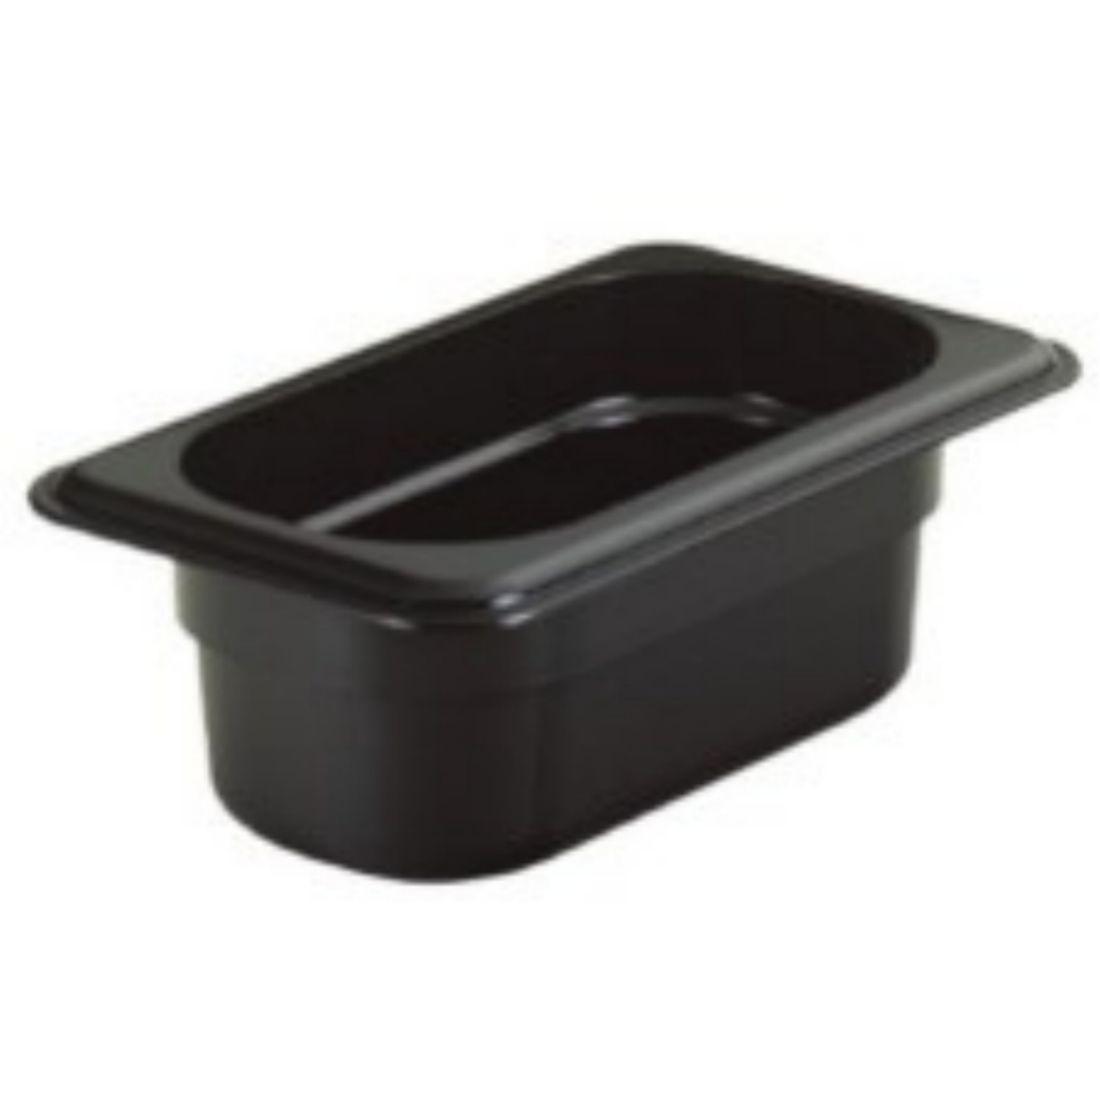 Gastronádoba polykarbonátová GN 1/1 065, černá